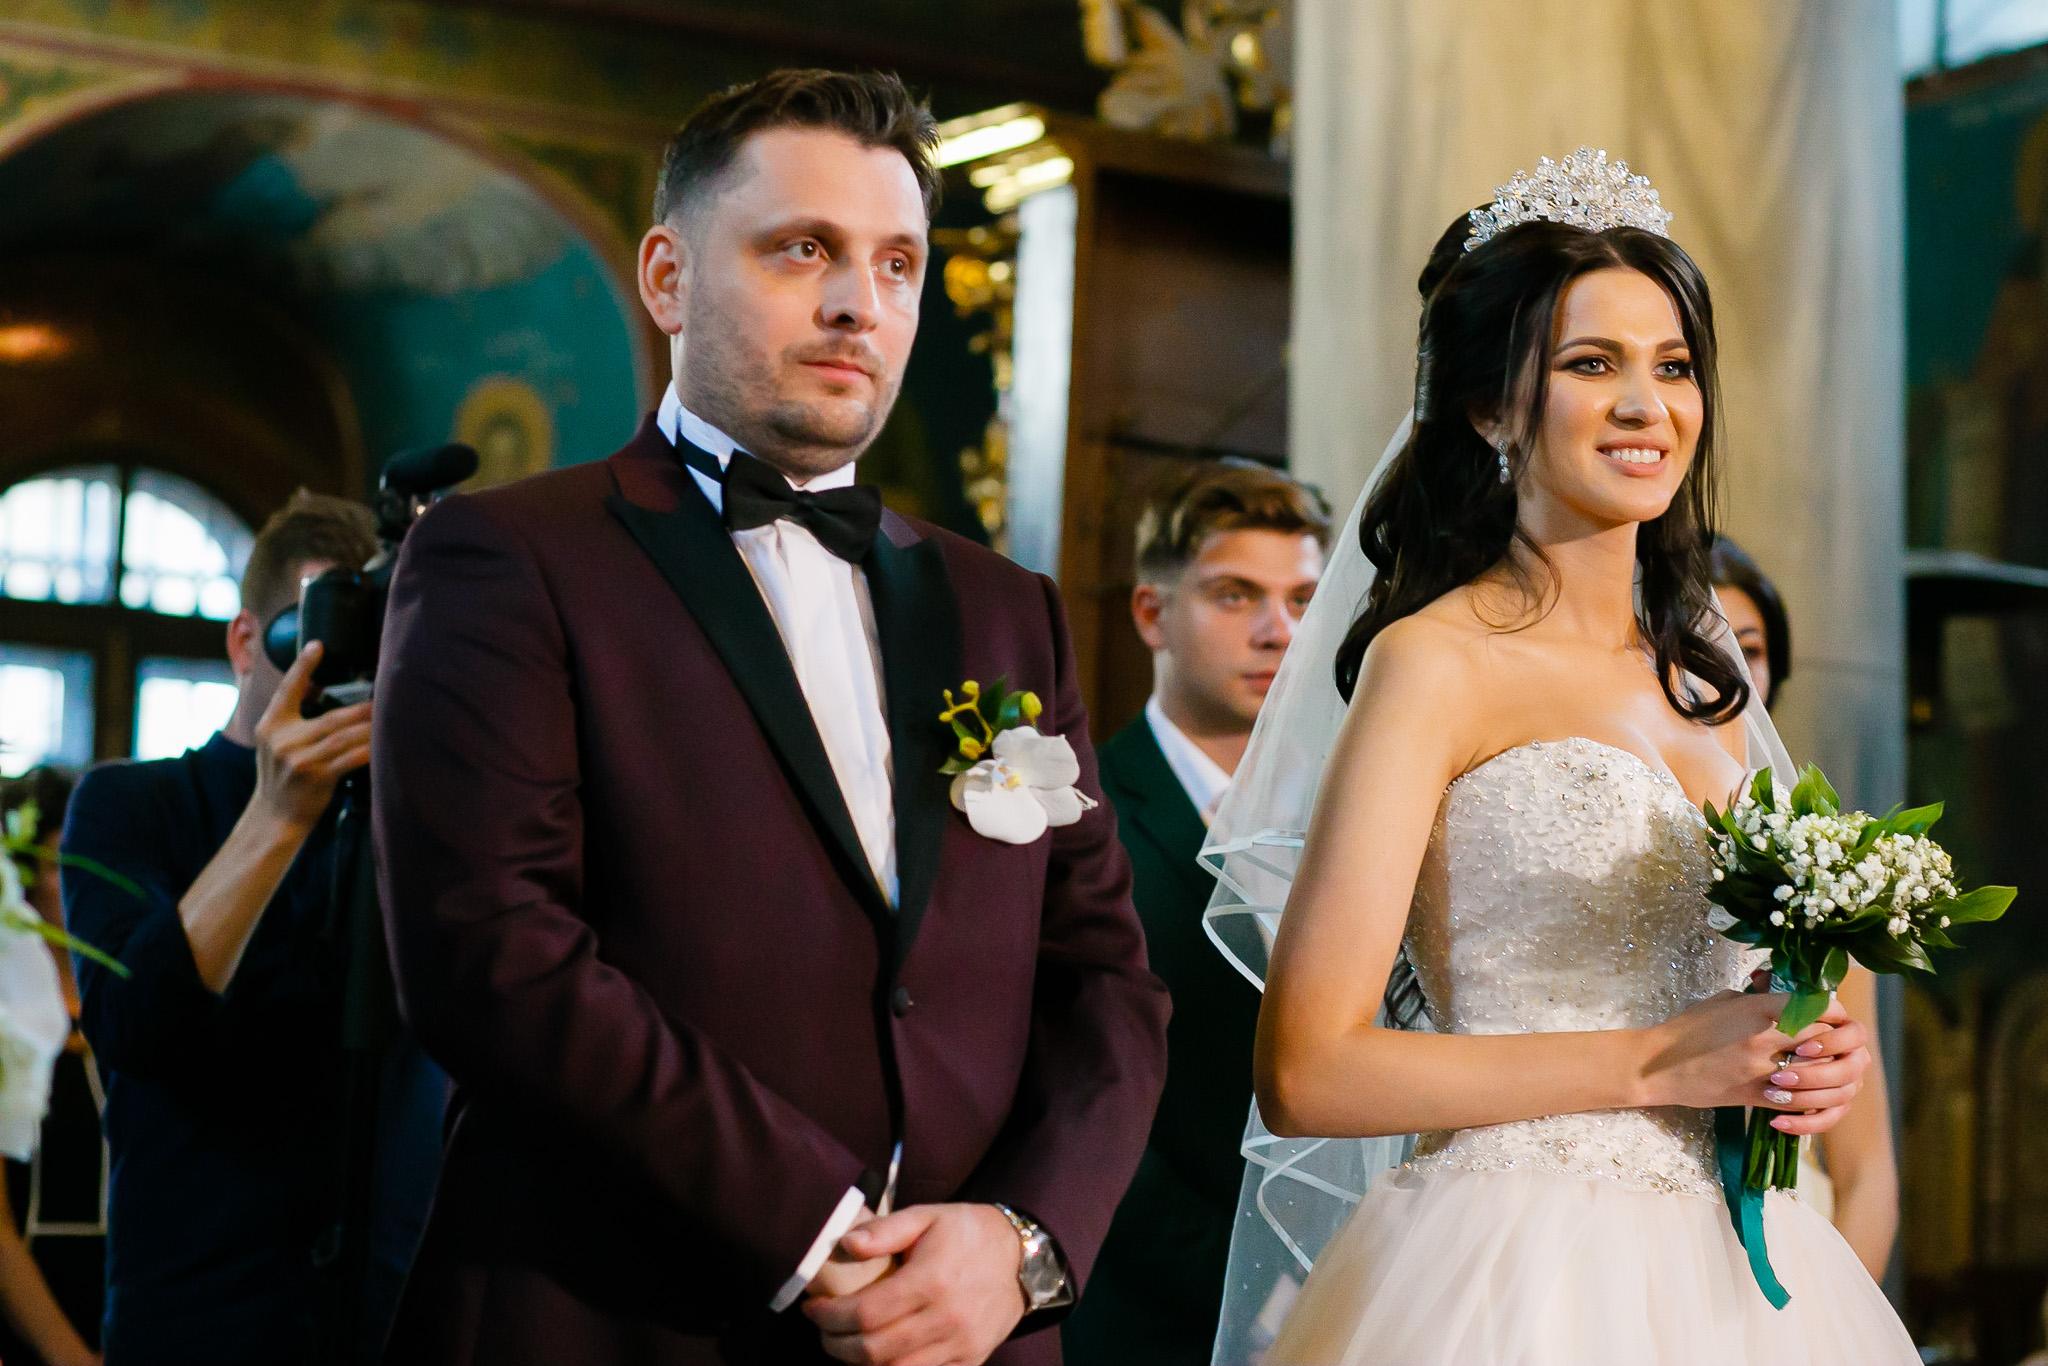 Larisa si Bogdan Nuntă la Pleiada fotograf profesionist nunta Iasi www.paulpadurariu.ro © 2018 Paul Padurariu cununia religioasa 7